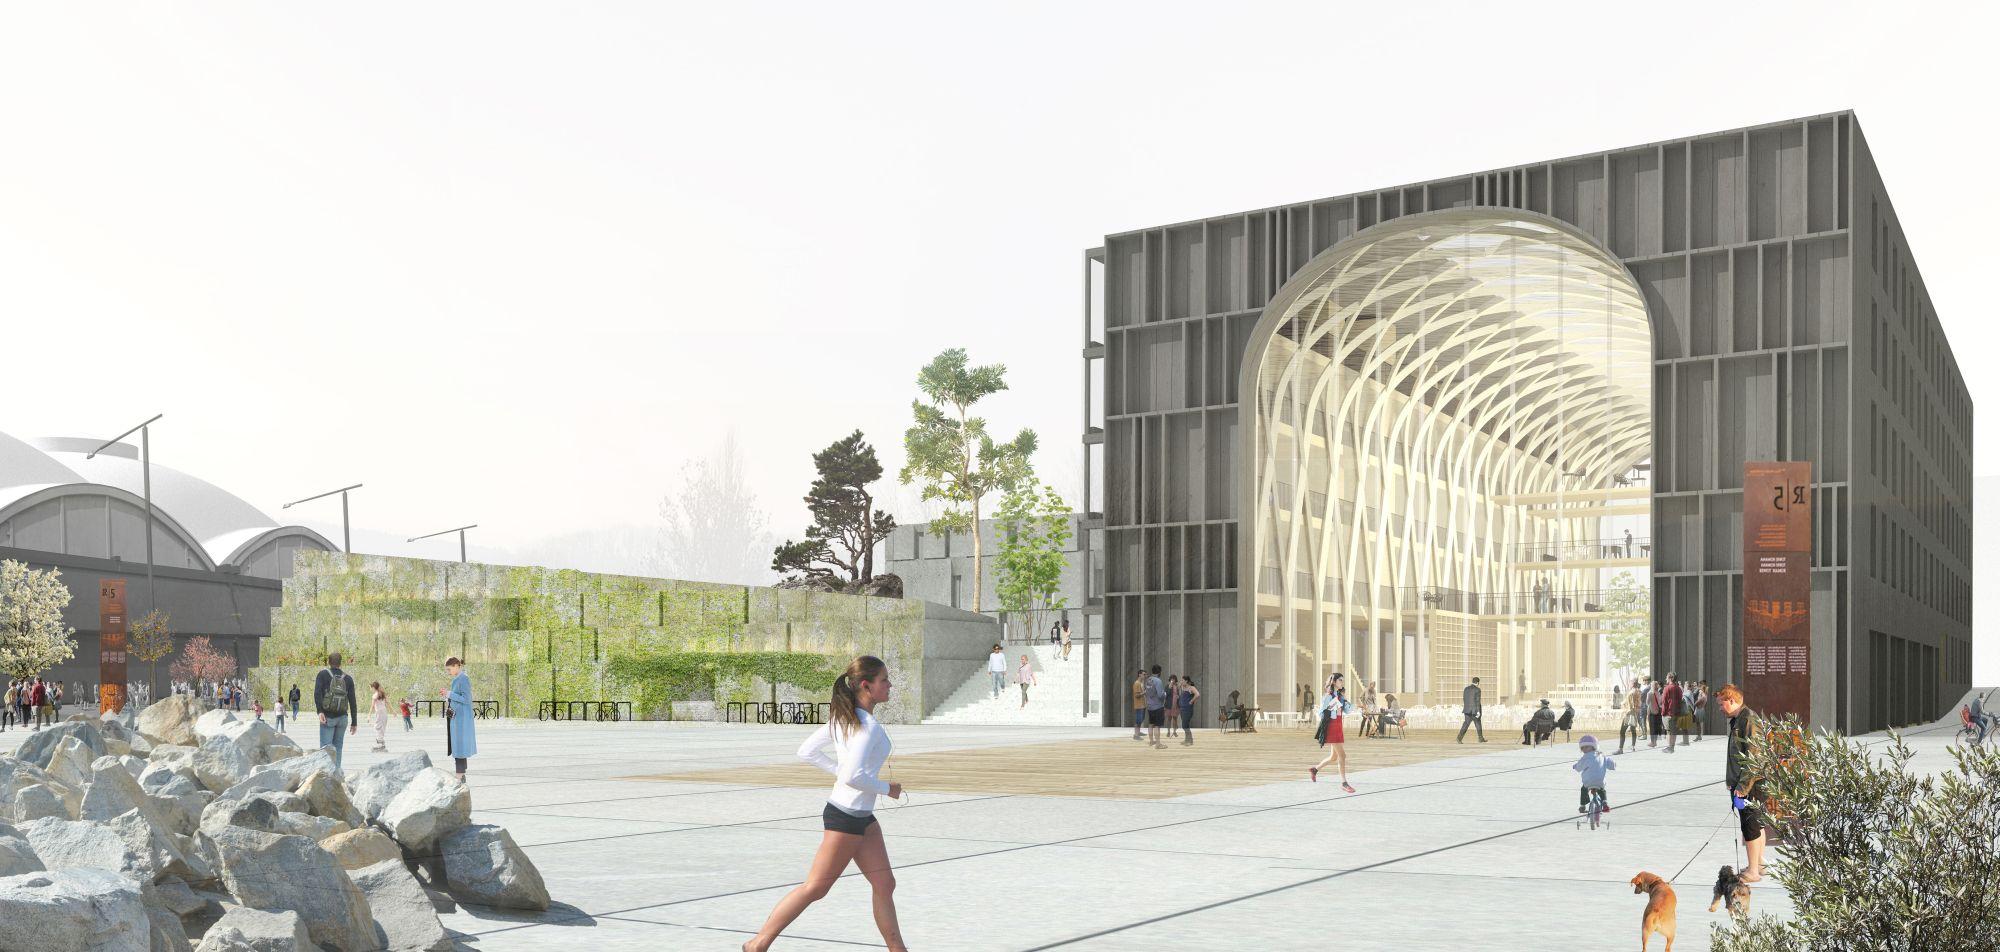 Eesti uus planeeritav Keskkonnamaja hakkab välja nägema selline